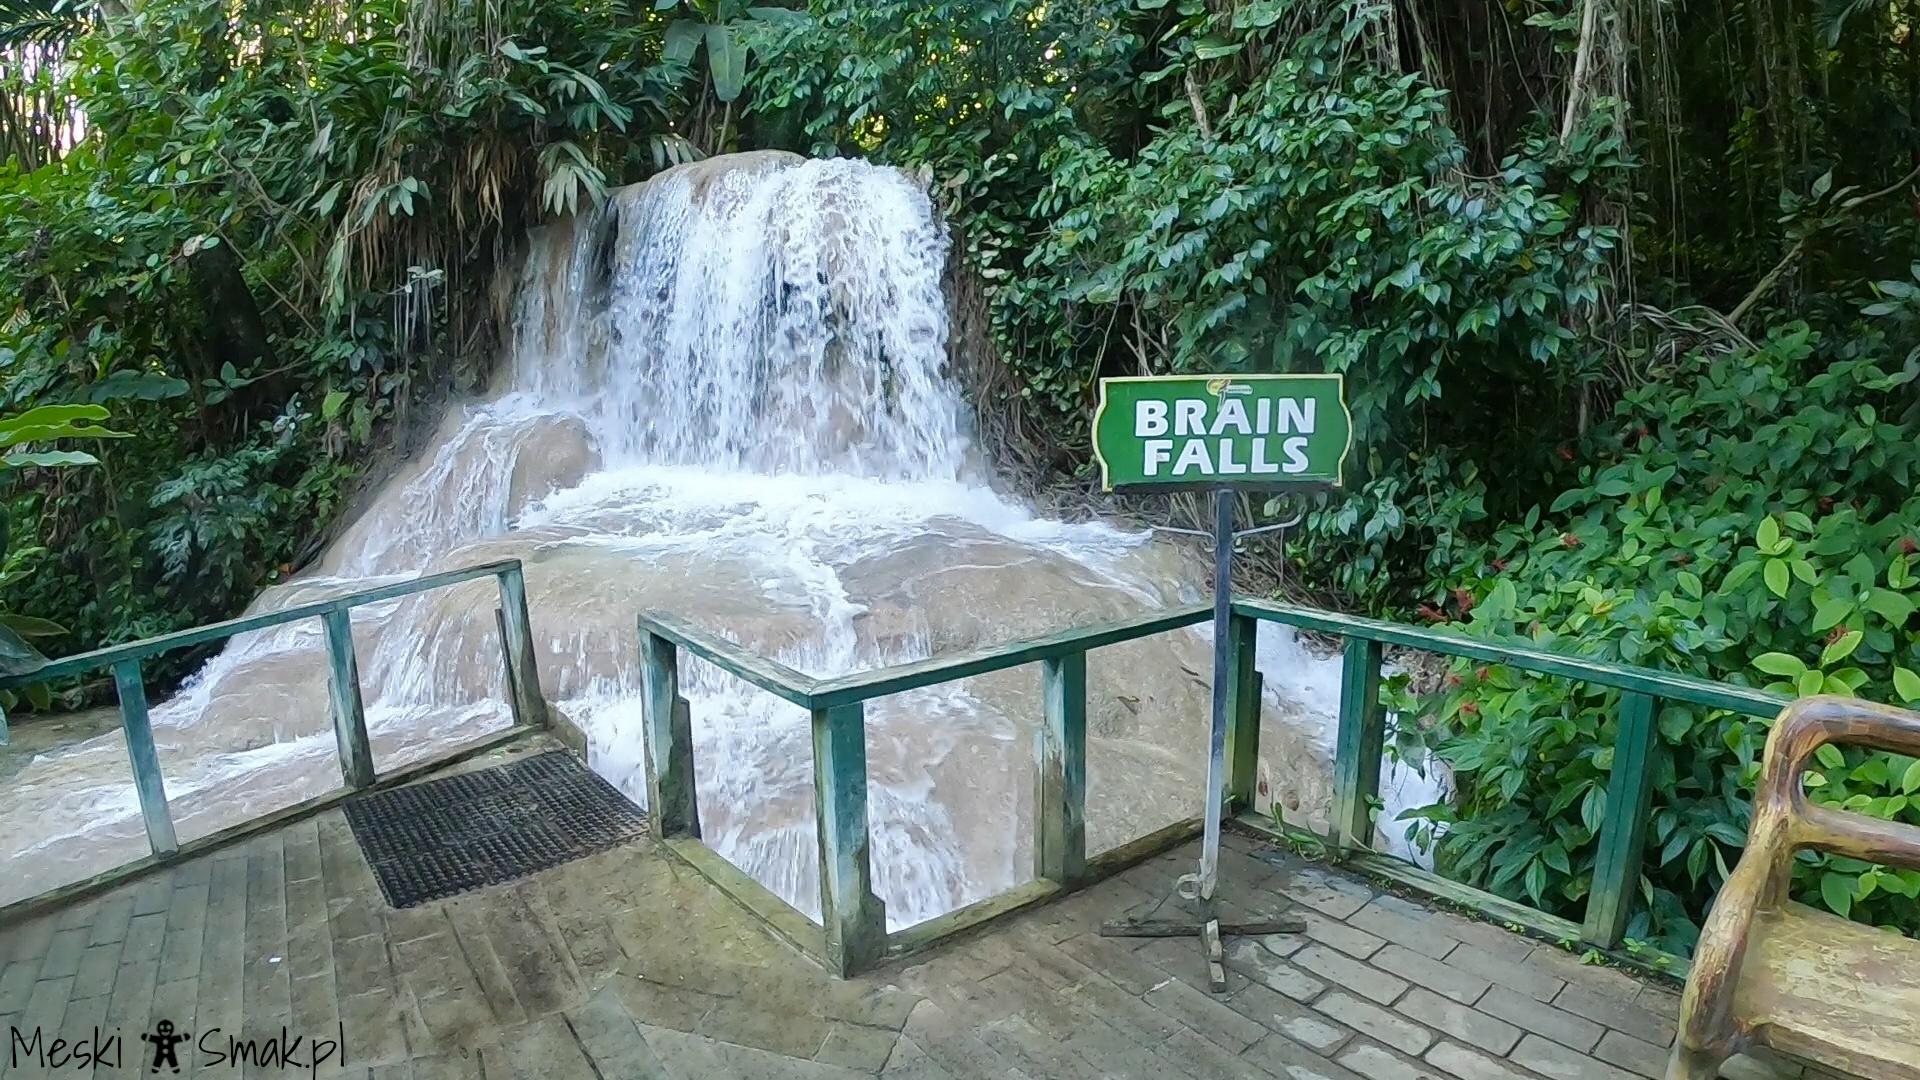 Wakacje i wycieczki Jamajka_The Turtle River Falls & Gardens 5